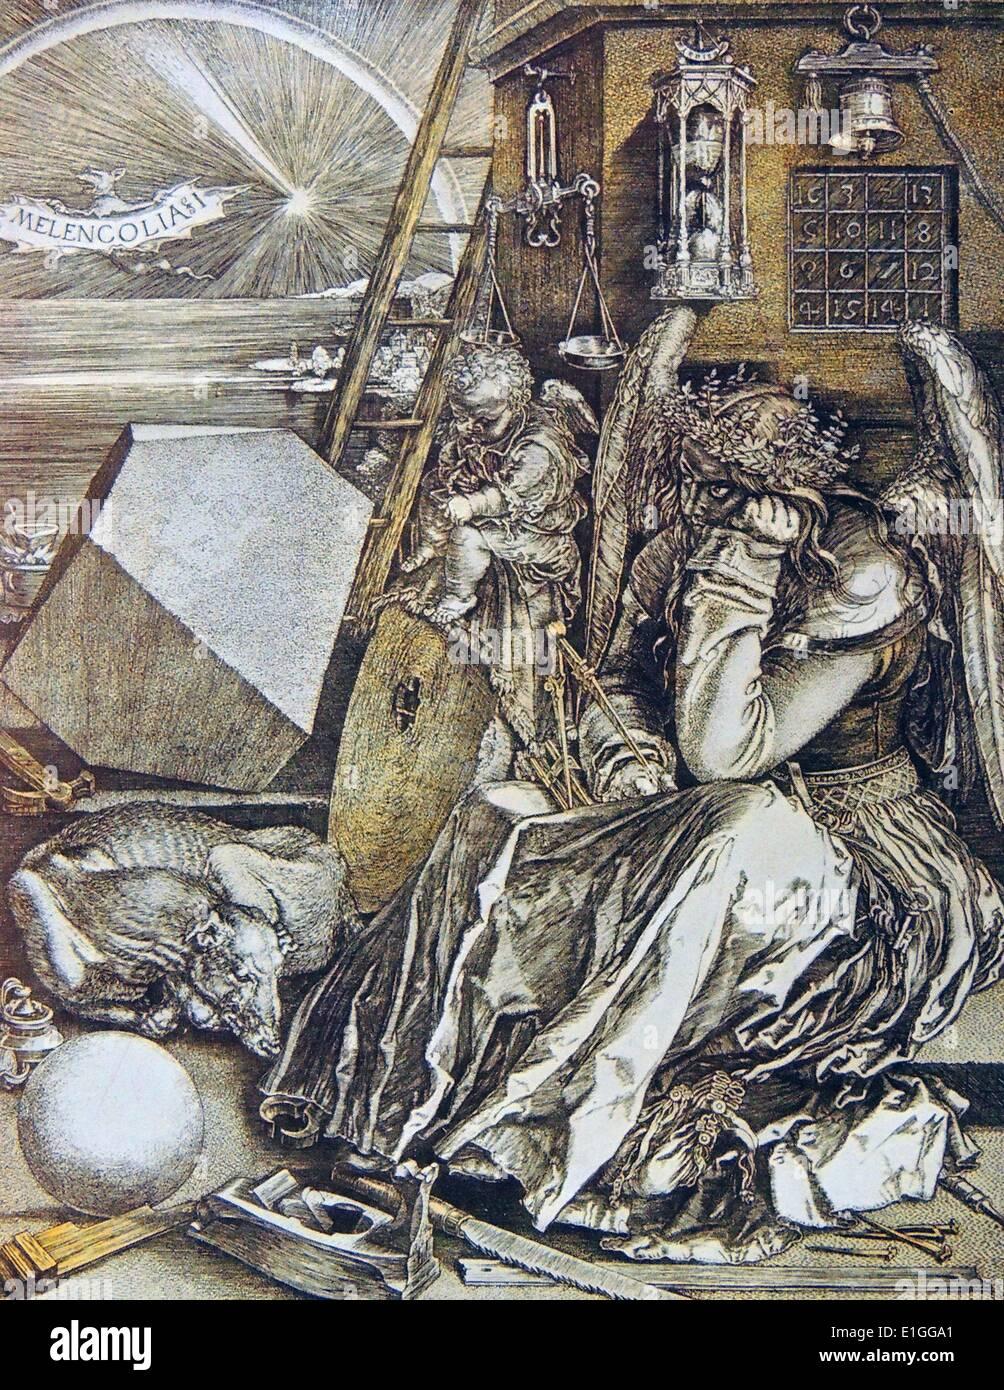 Kupferstecher mit dem Titel Melancholie. Von Albrecht Dürer (1471-1528), deutscher Maler, Kupferstecher und Stockbild